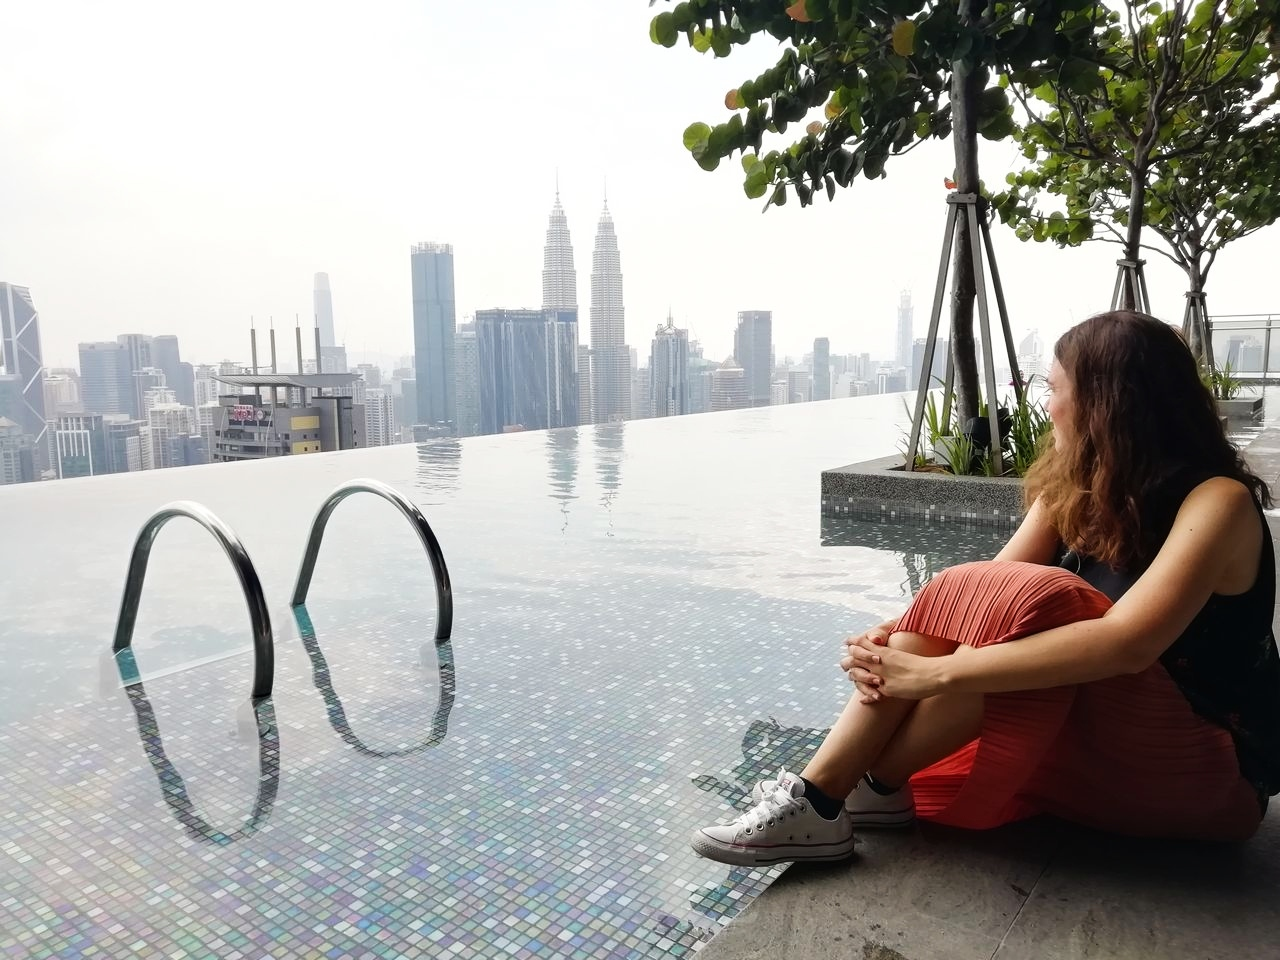 Mi alojamiento en Kuala Lumpur tenía infinity pool, vistas a las Torres Petronas y fue muy económico.